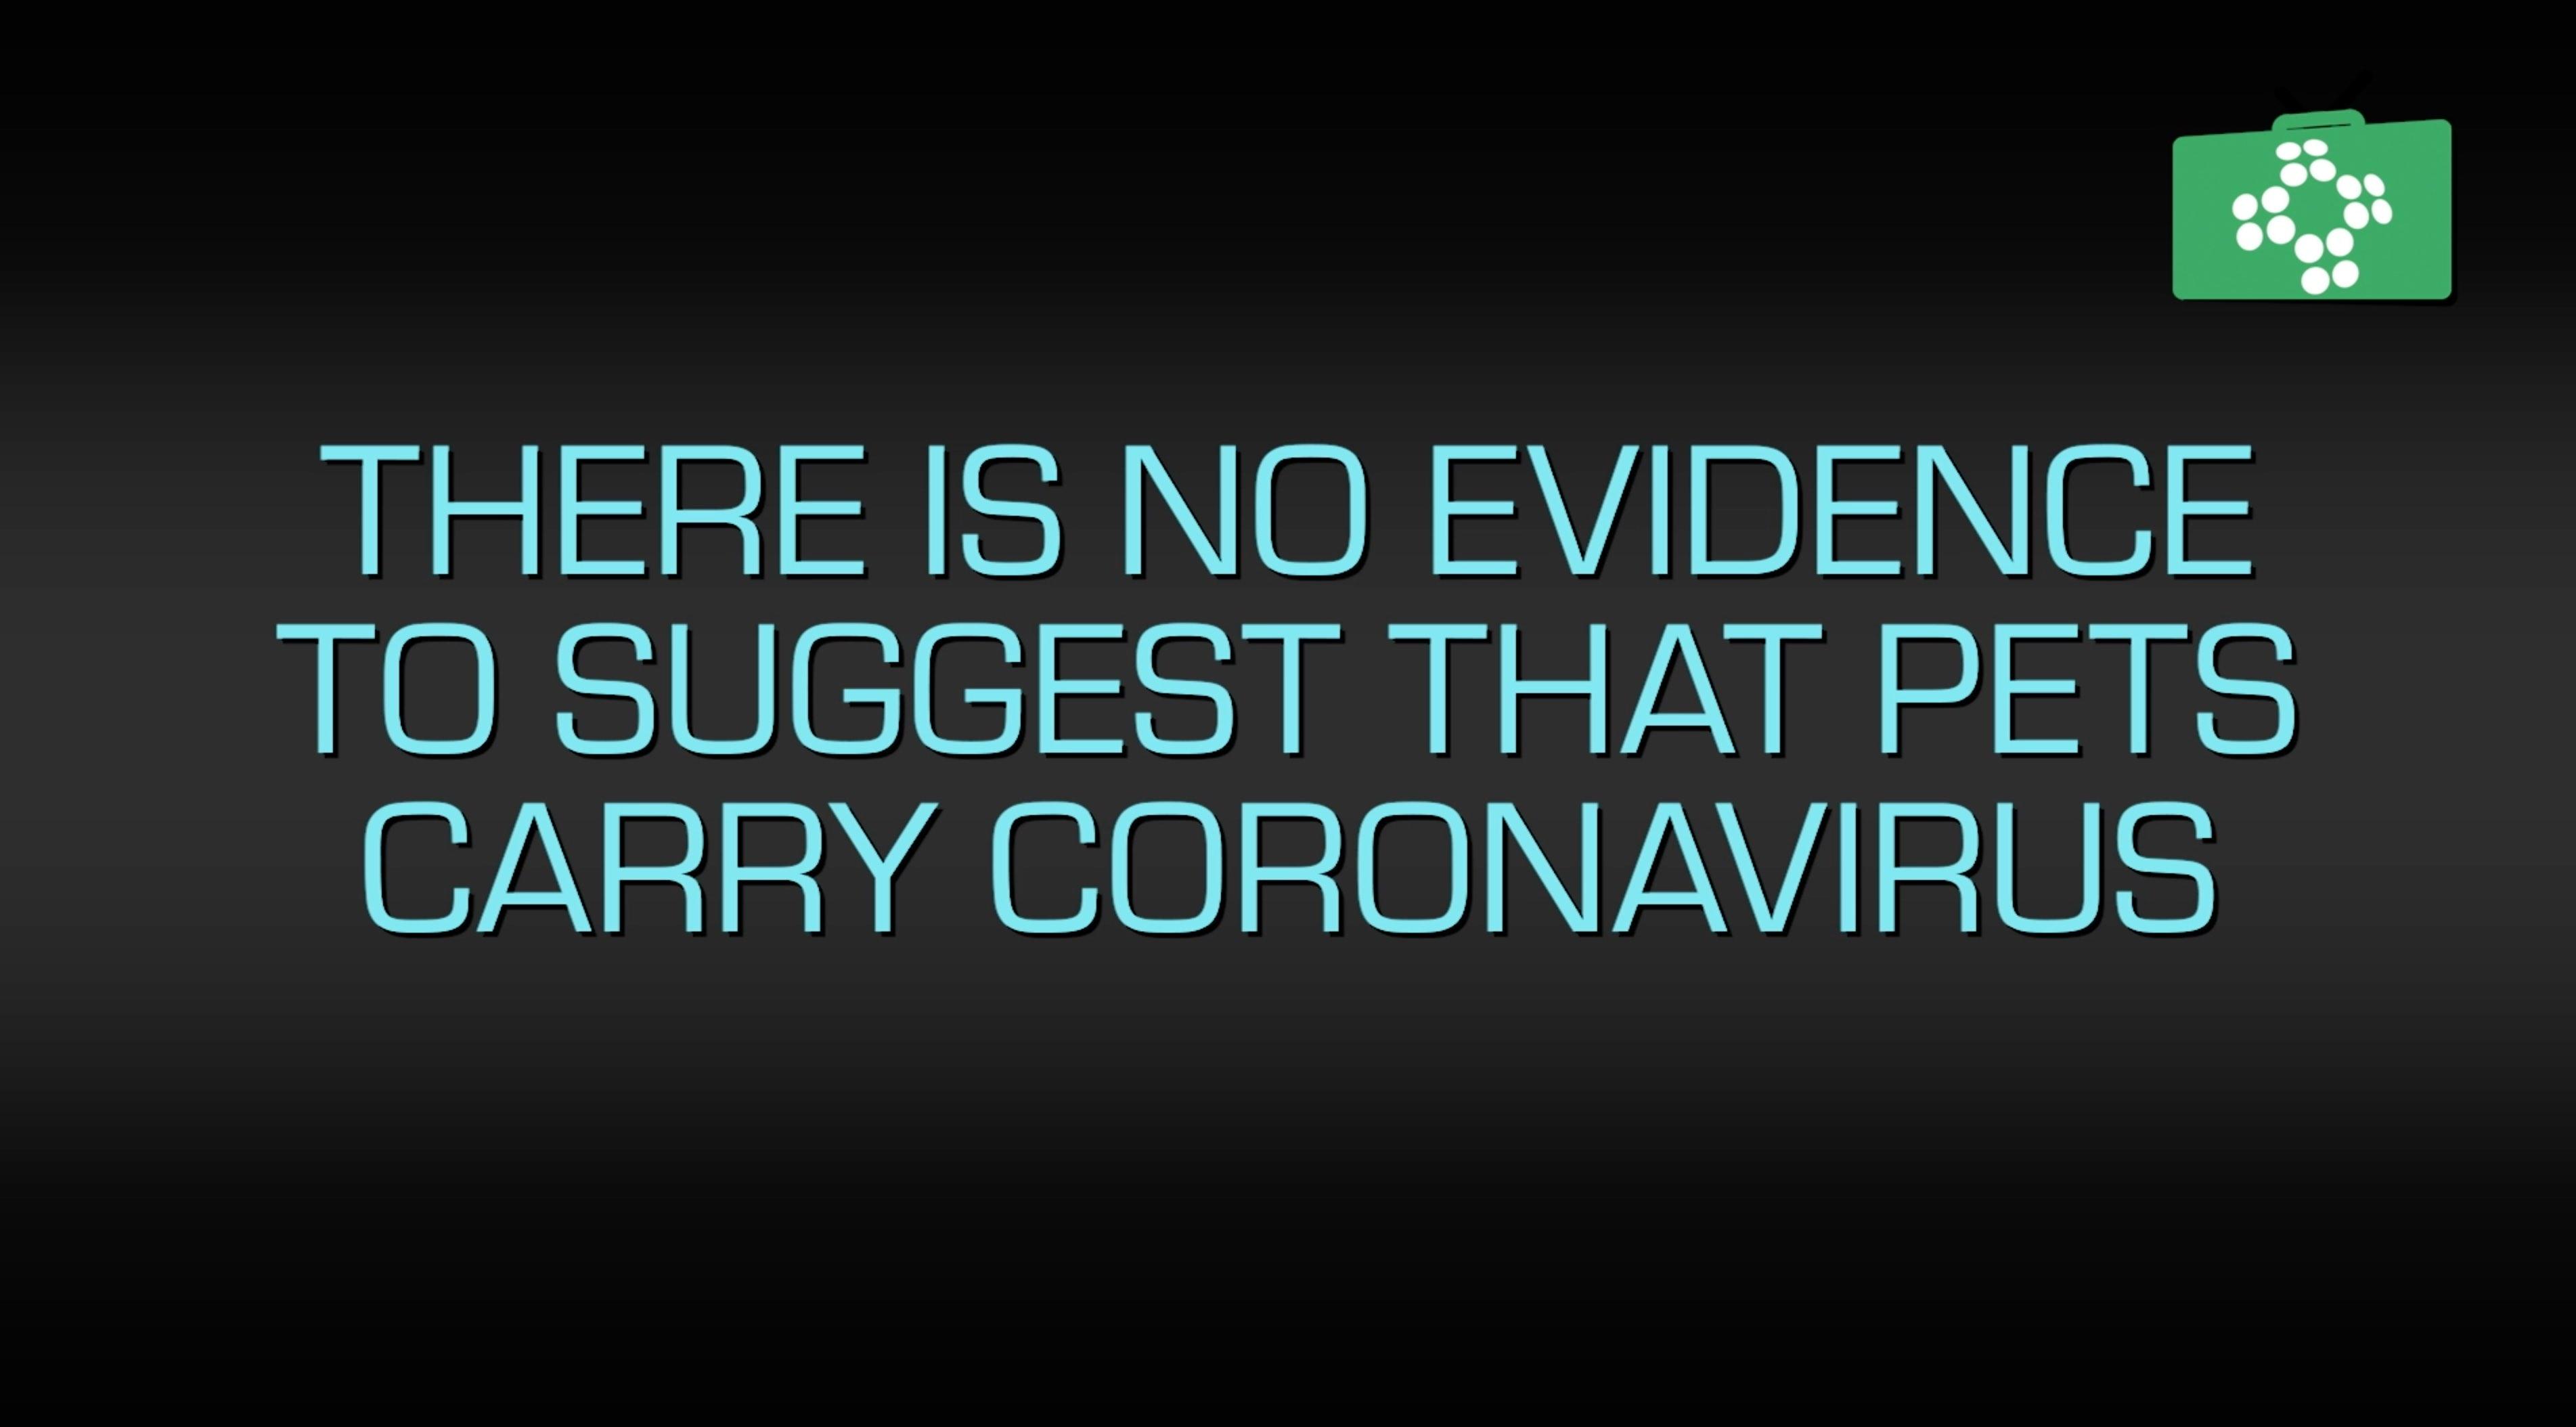 Coronavirus and dogs